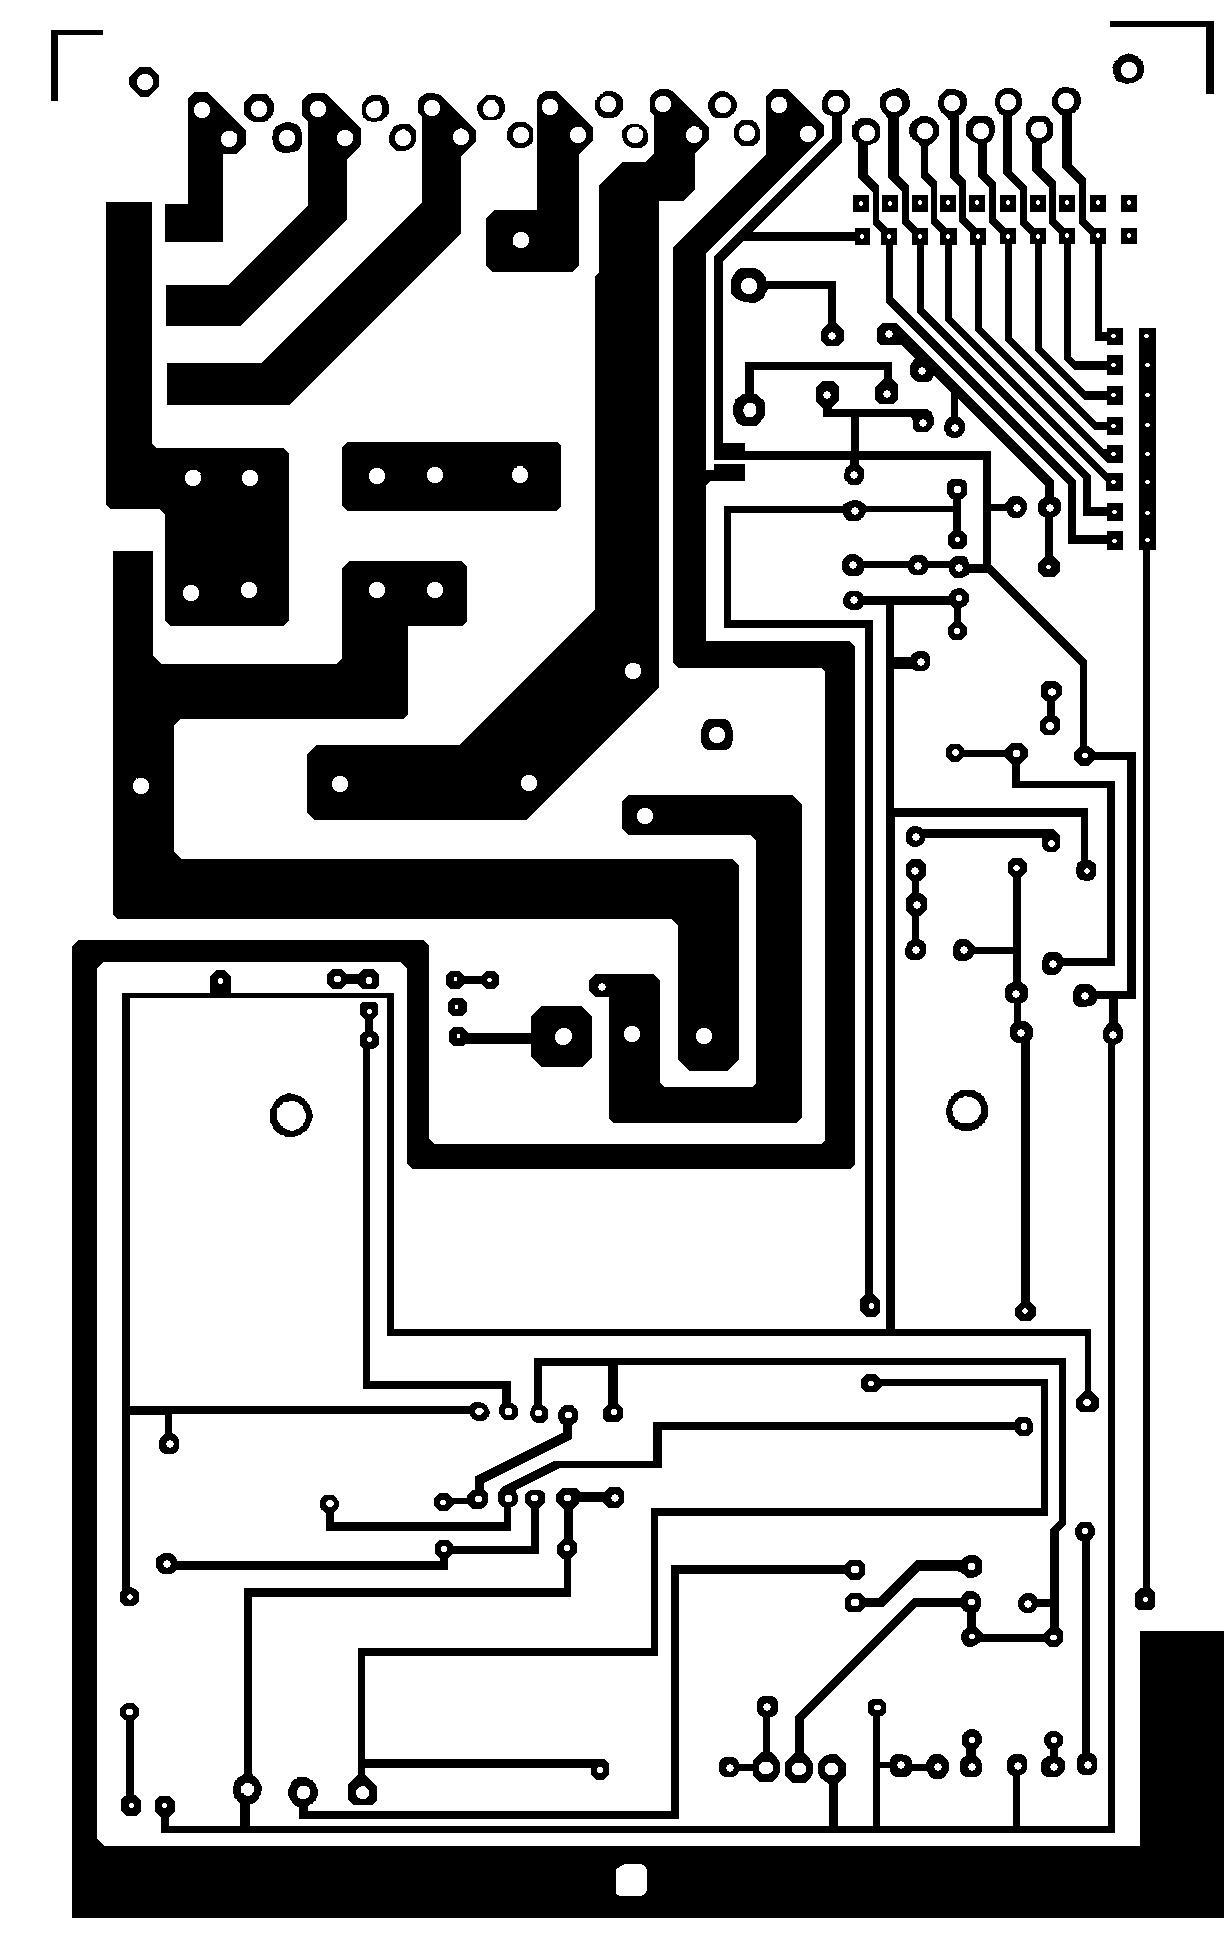 230v 16a Dimmer 0 10v 19 Rackmontage Moglich